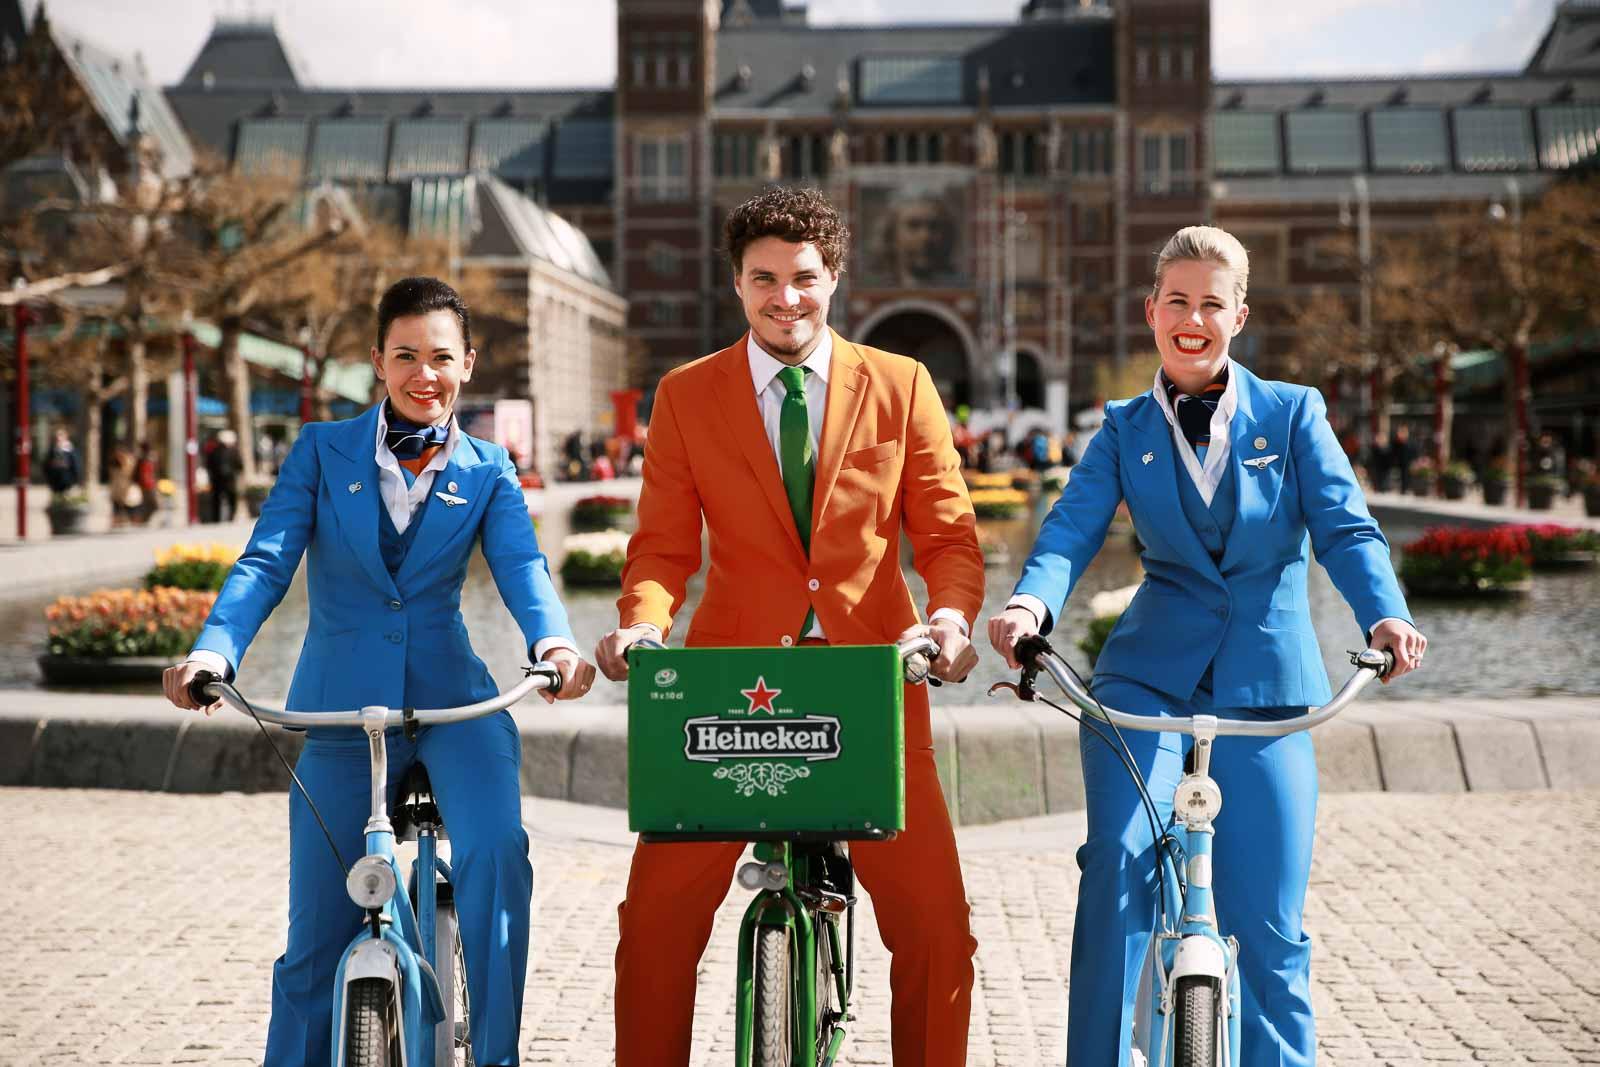 KLM Heineken Orange Experience Koningsdag Amsterdam